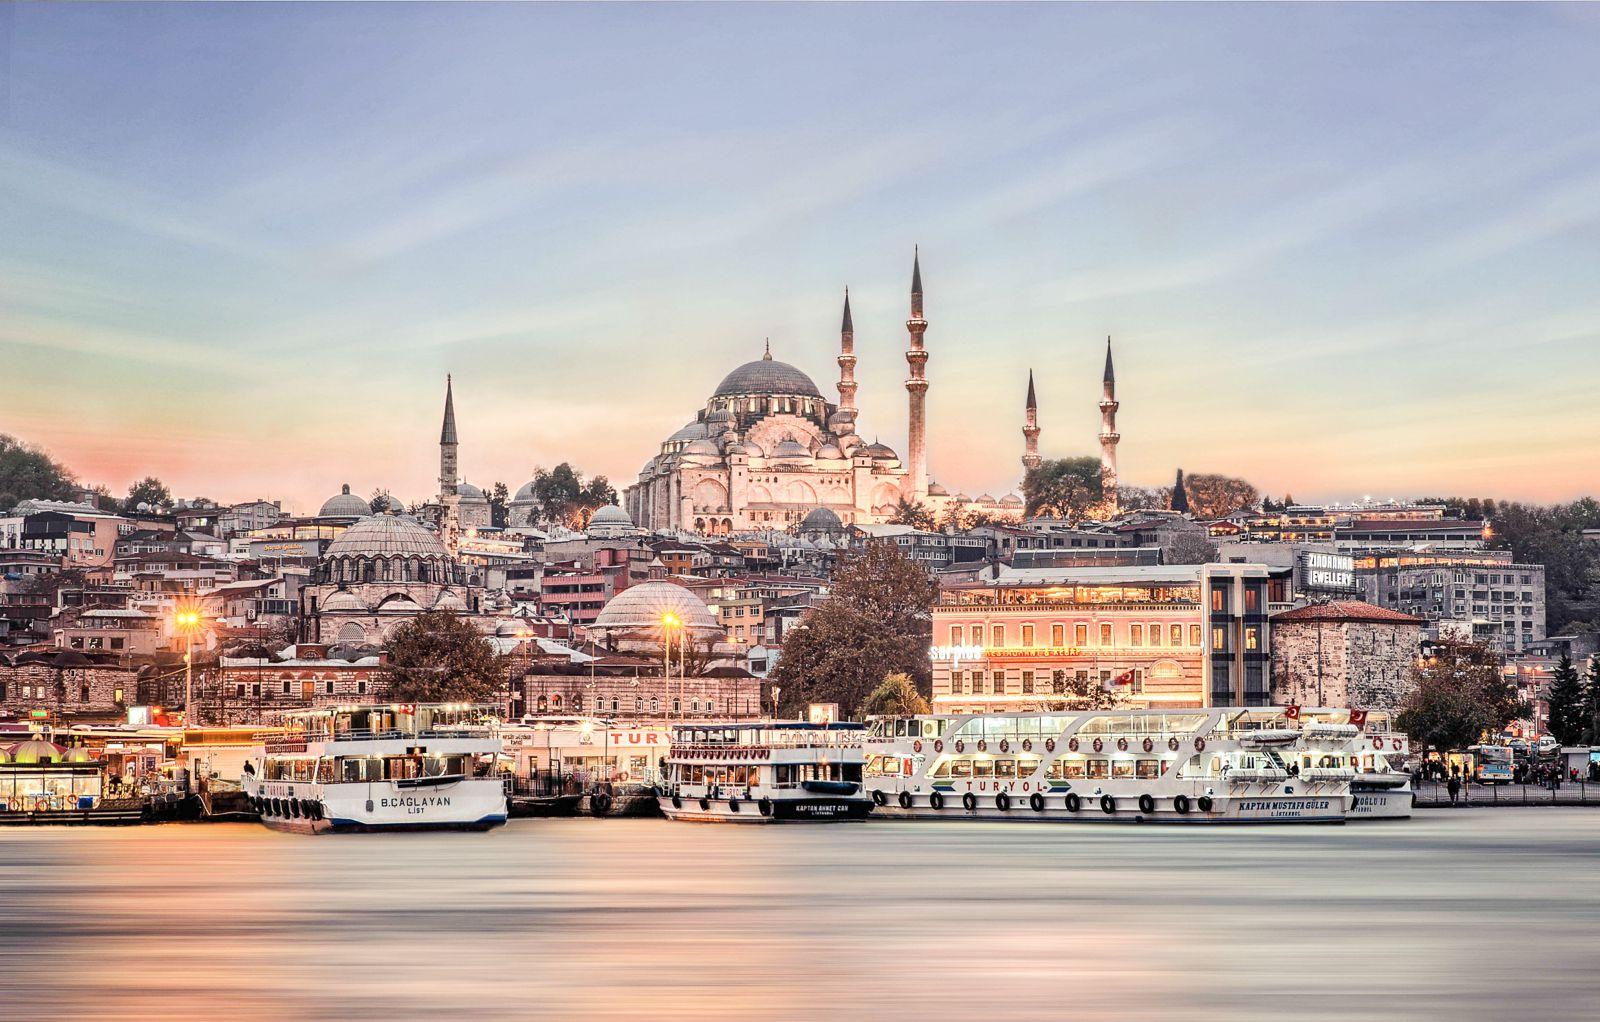 بماذا تتميز عقارات الفاتح عن باقي عقارات إسطنبول؟